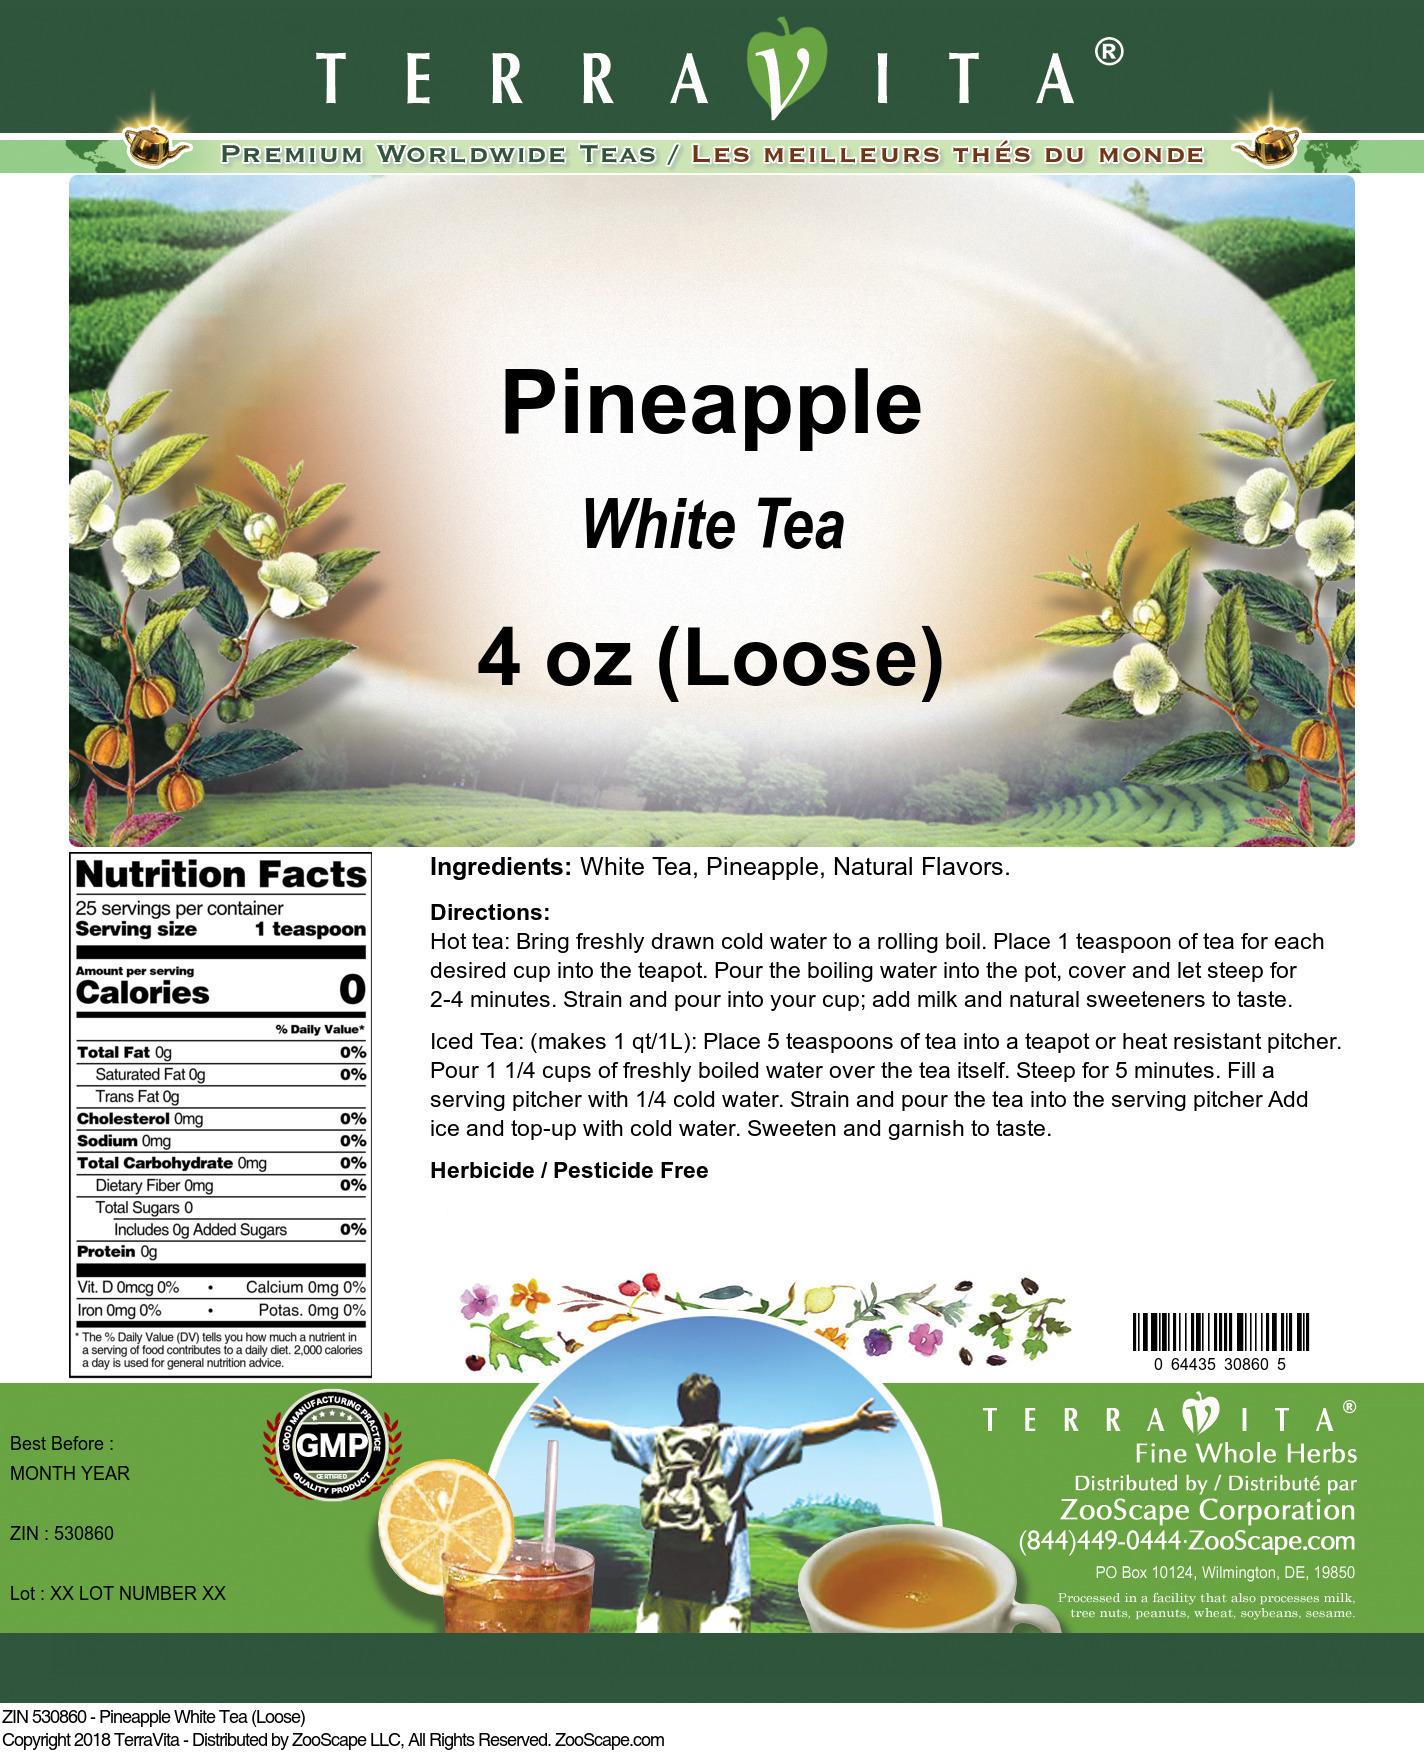 Pineapple White Tea